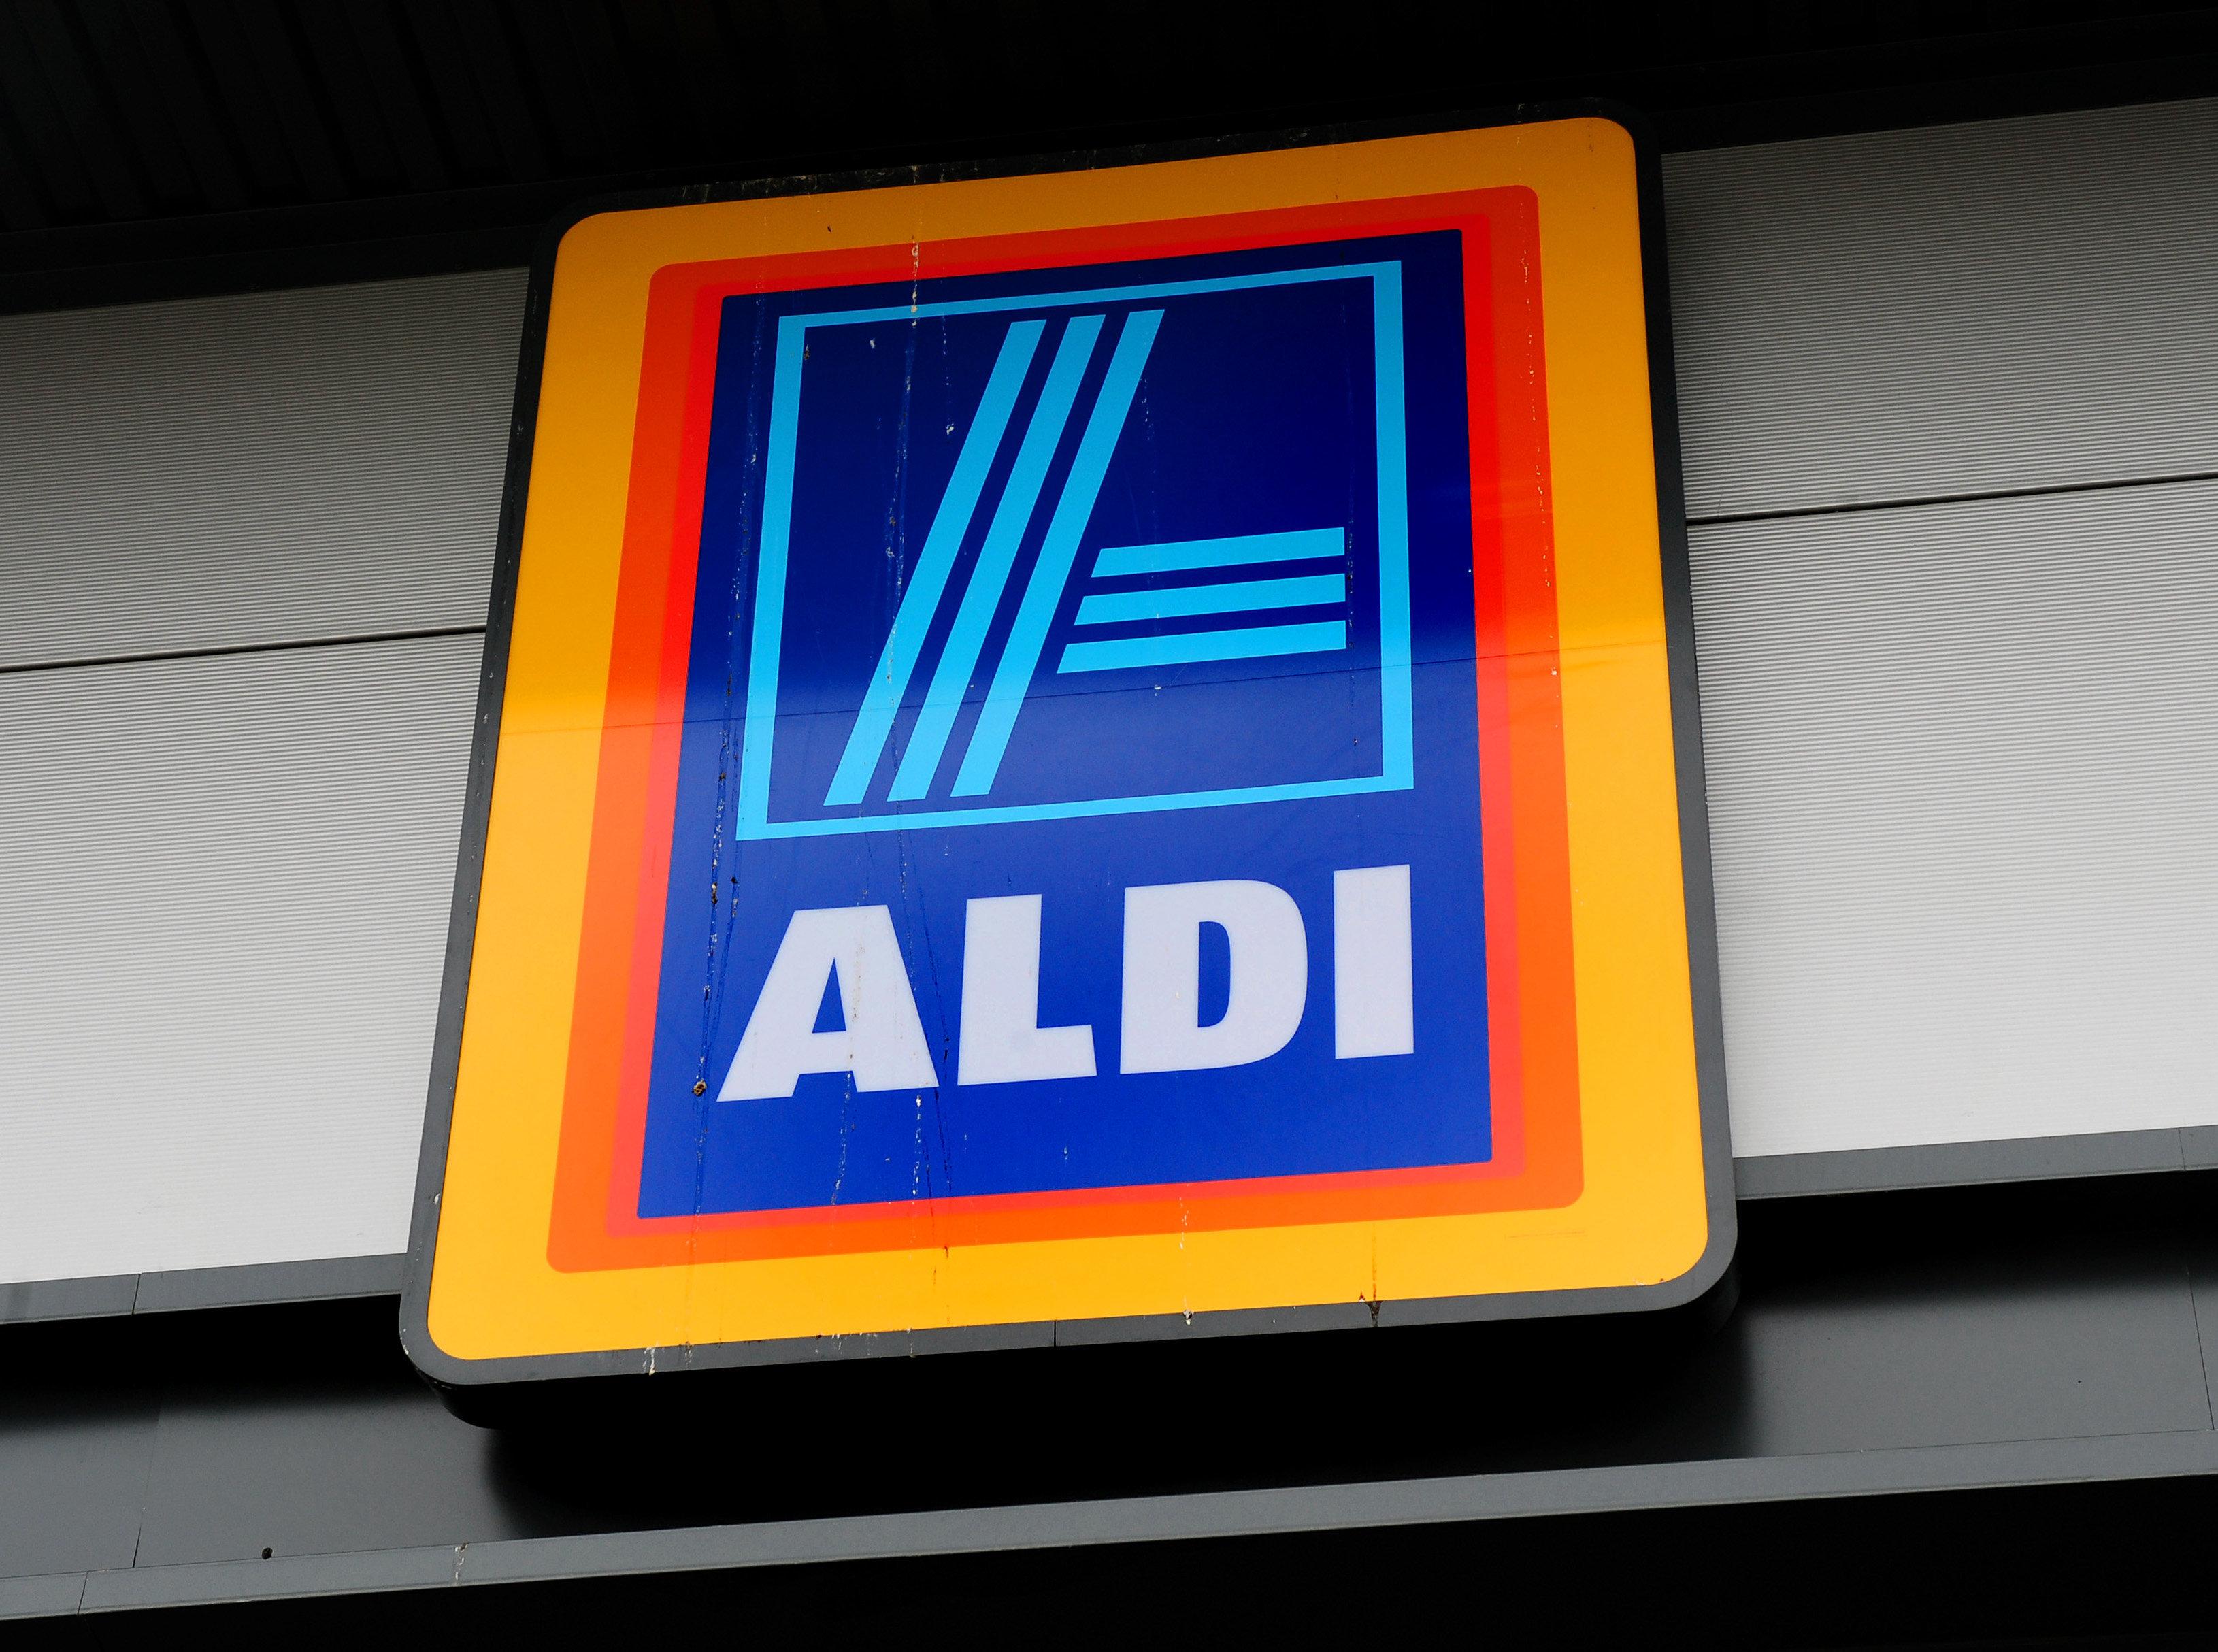 Aldi Liefert Kühlschrank : Augen starrten mich anu d aldi kundin findet ungewöhnliches im